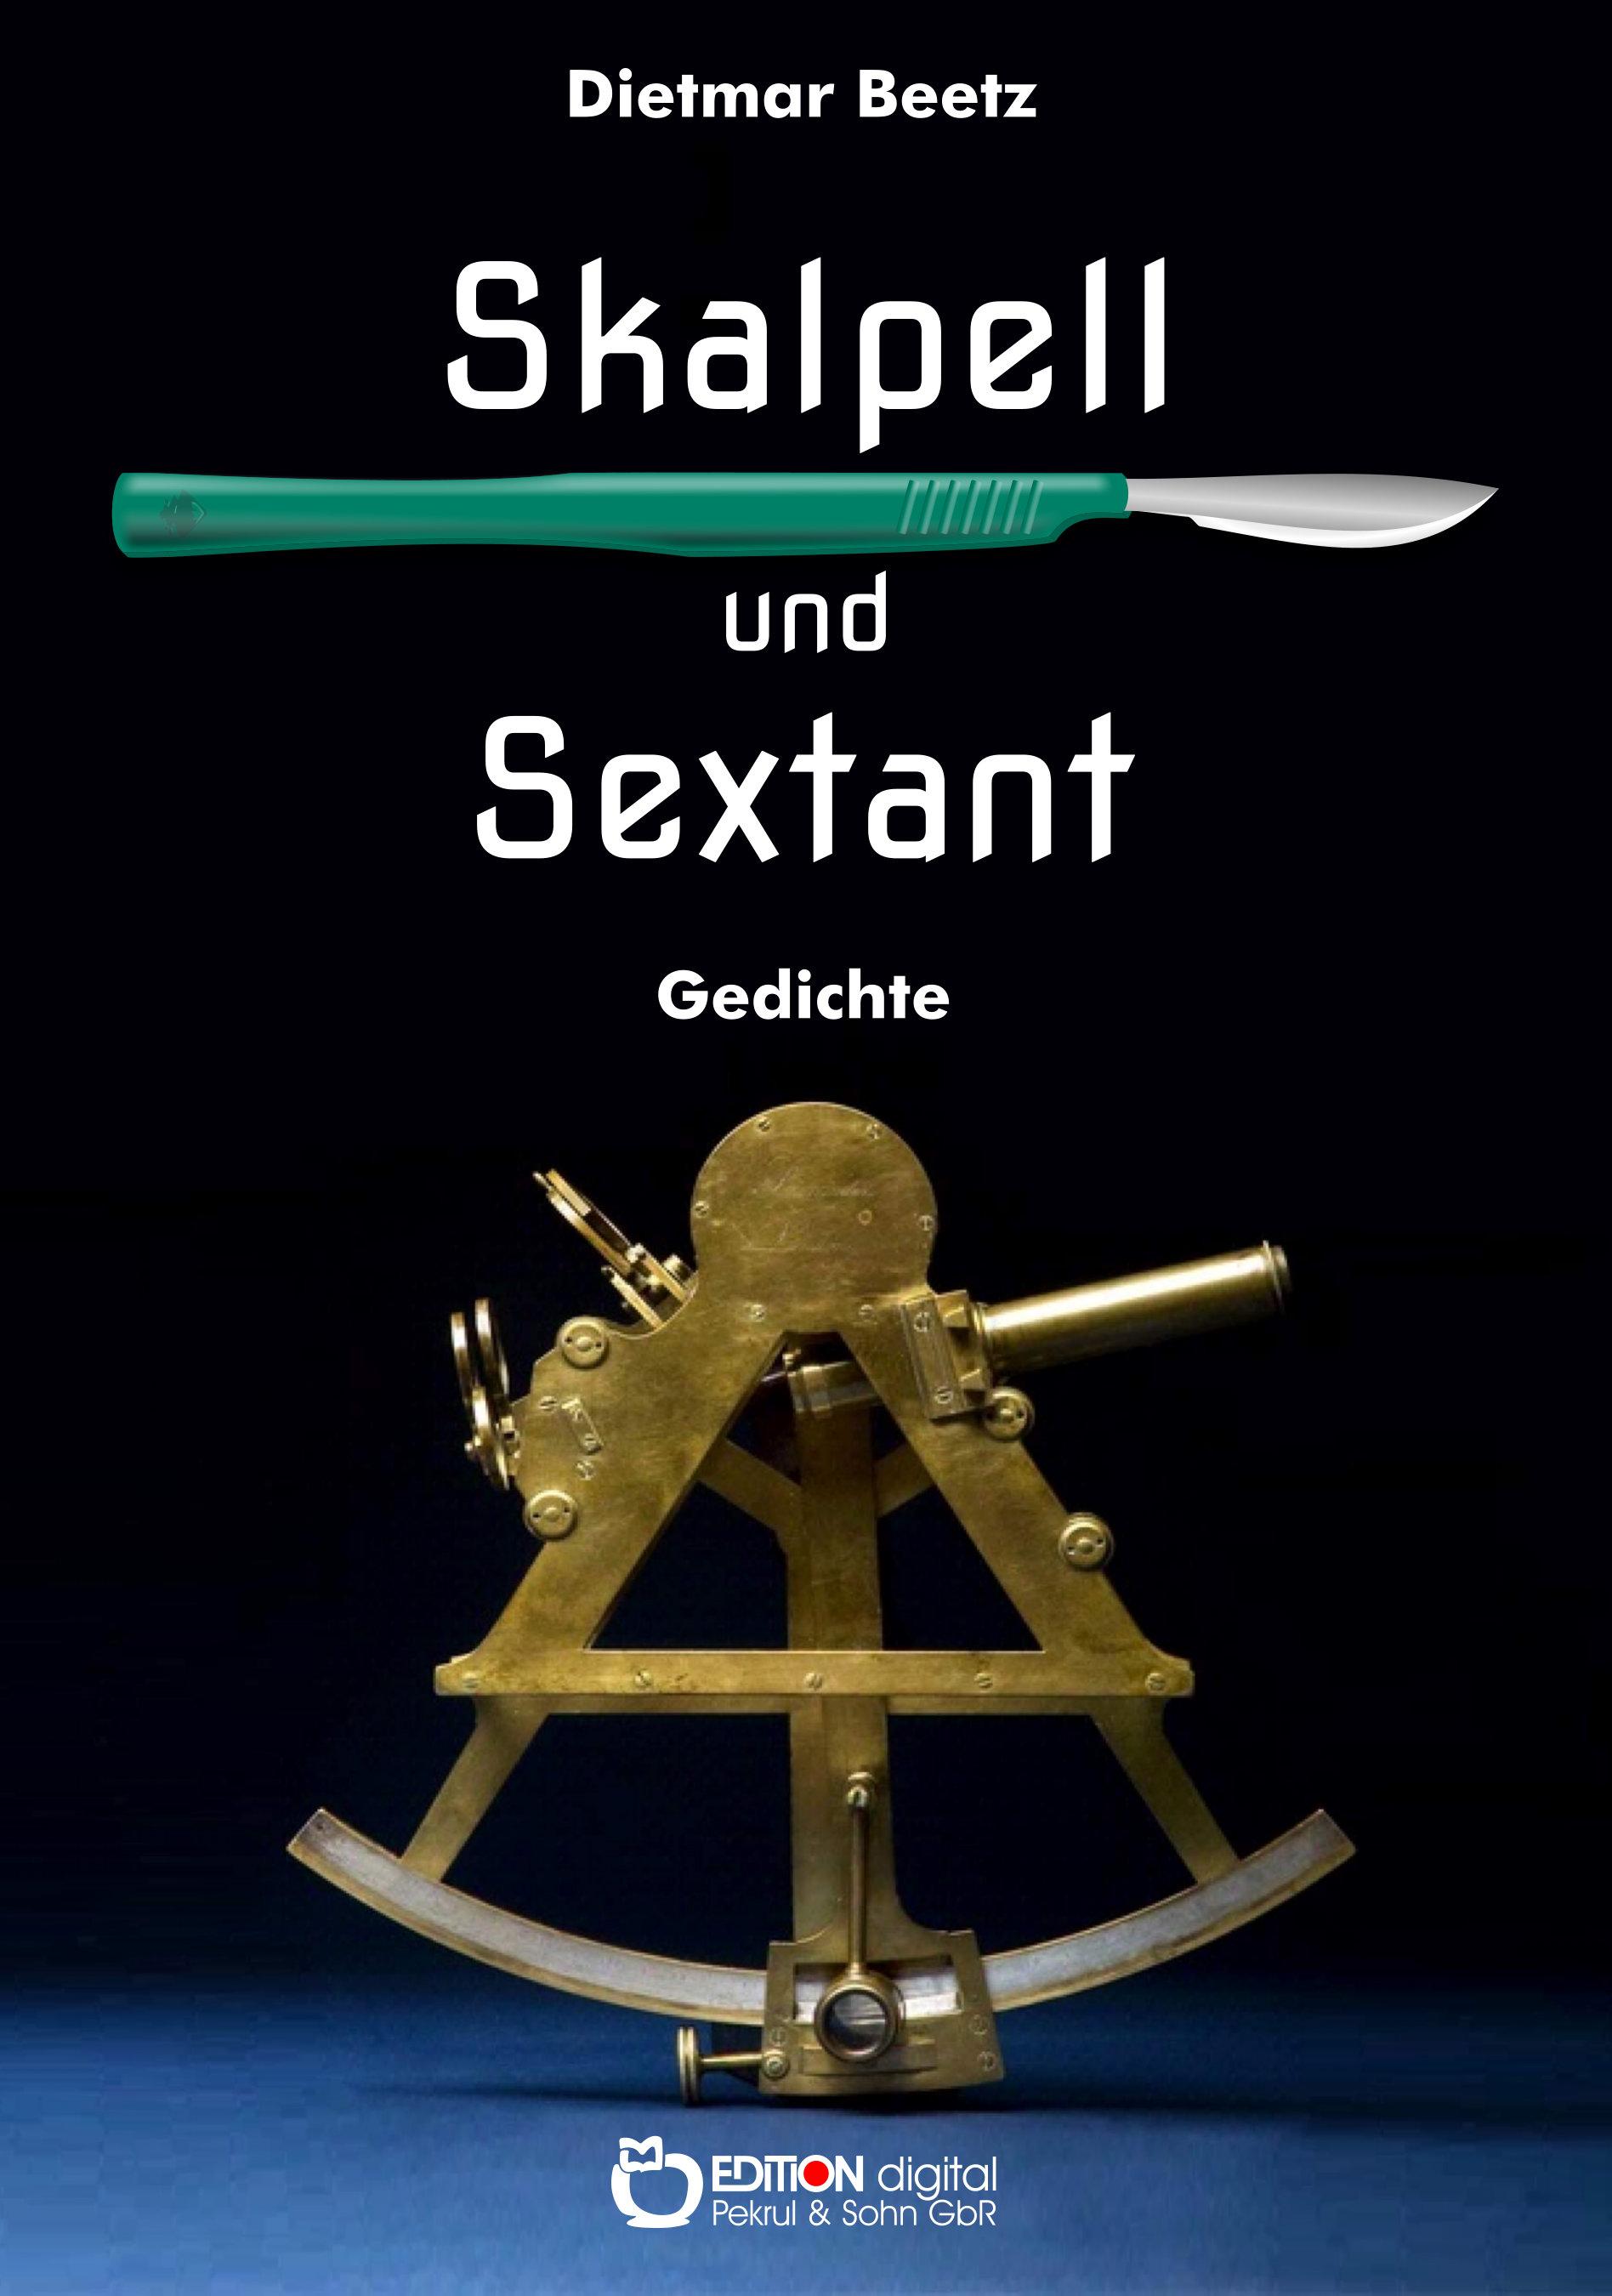 Skalpell und Sextant. Gedichte von Dietmar Beetz